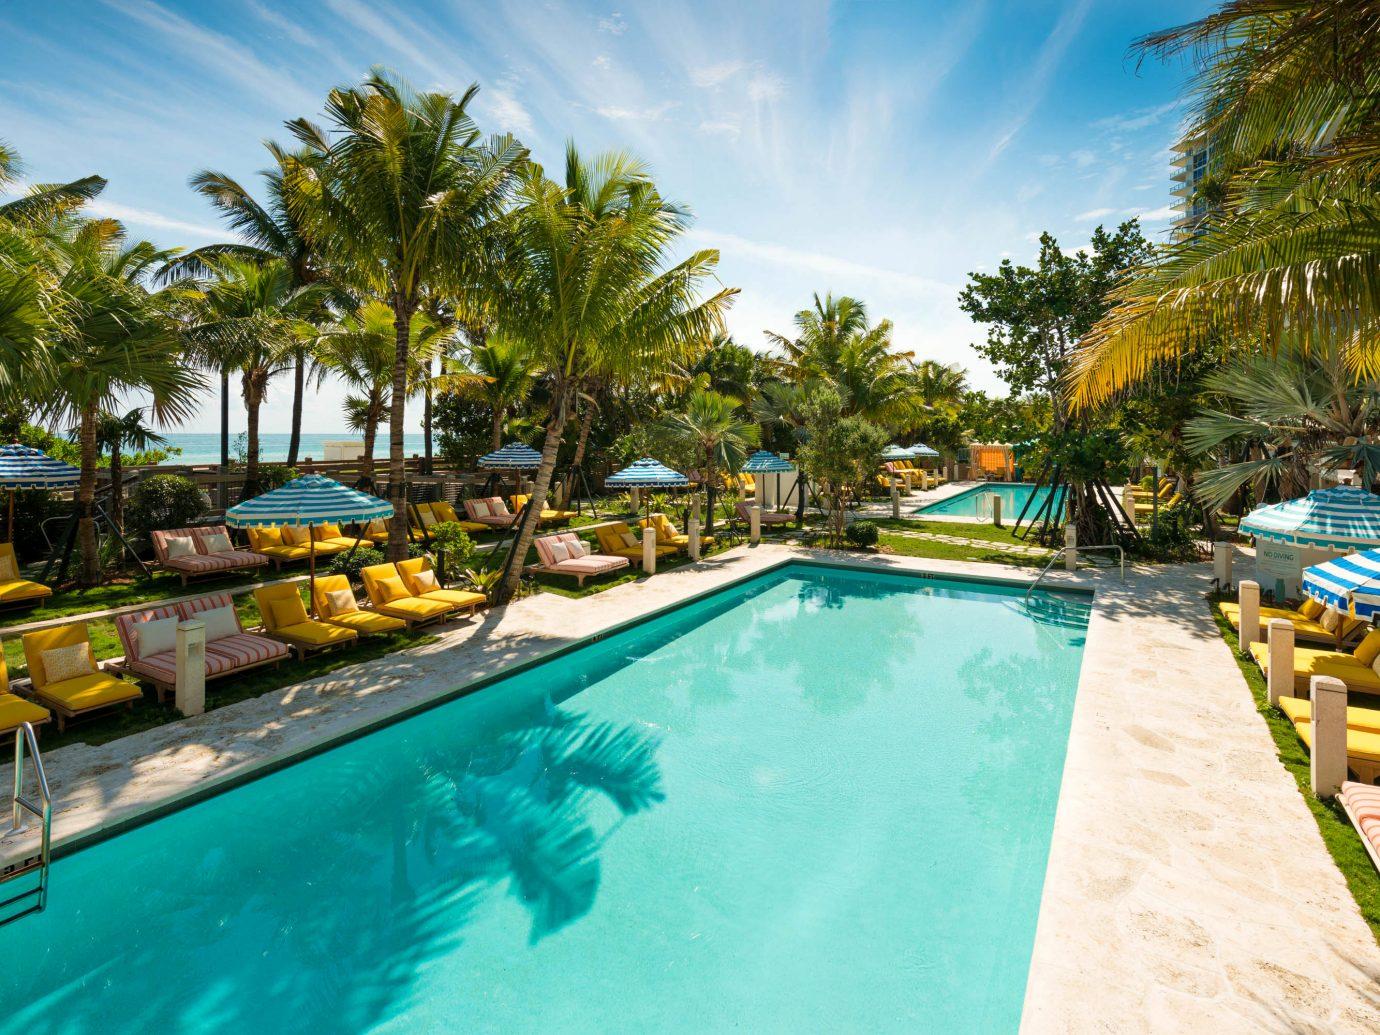 Pool at Confidante Miami Beach